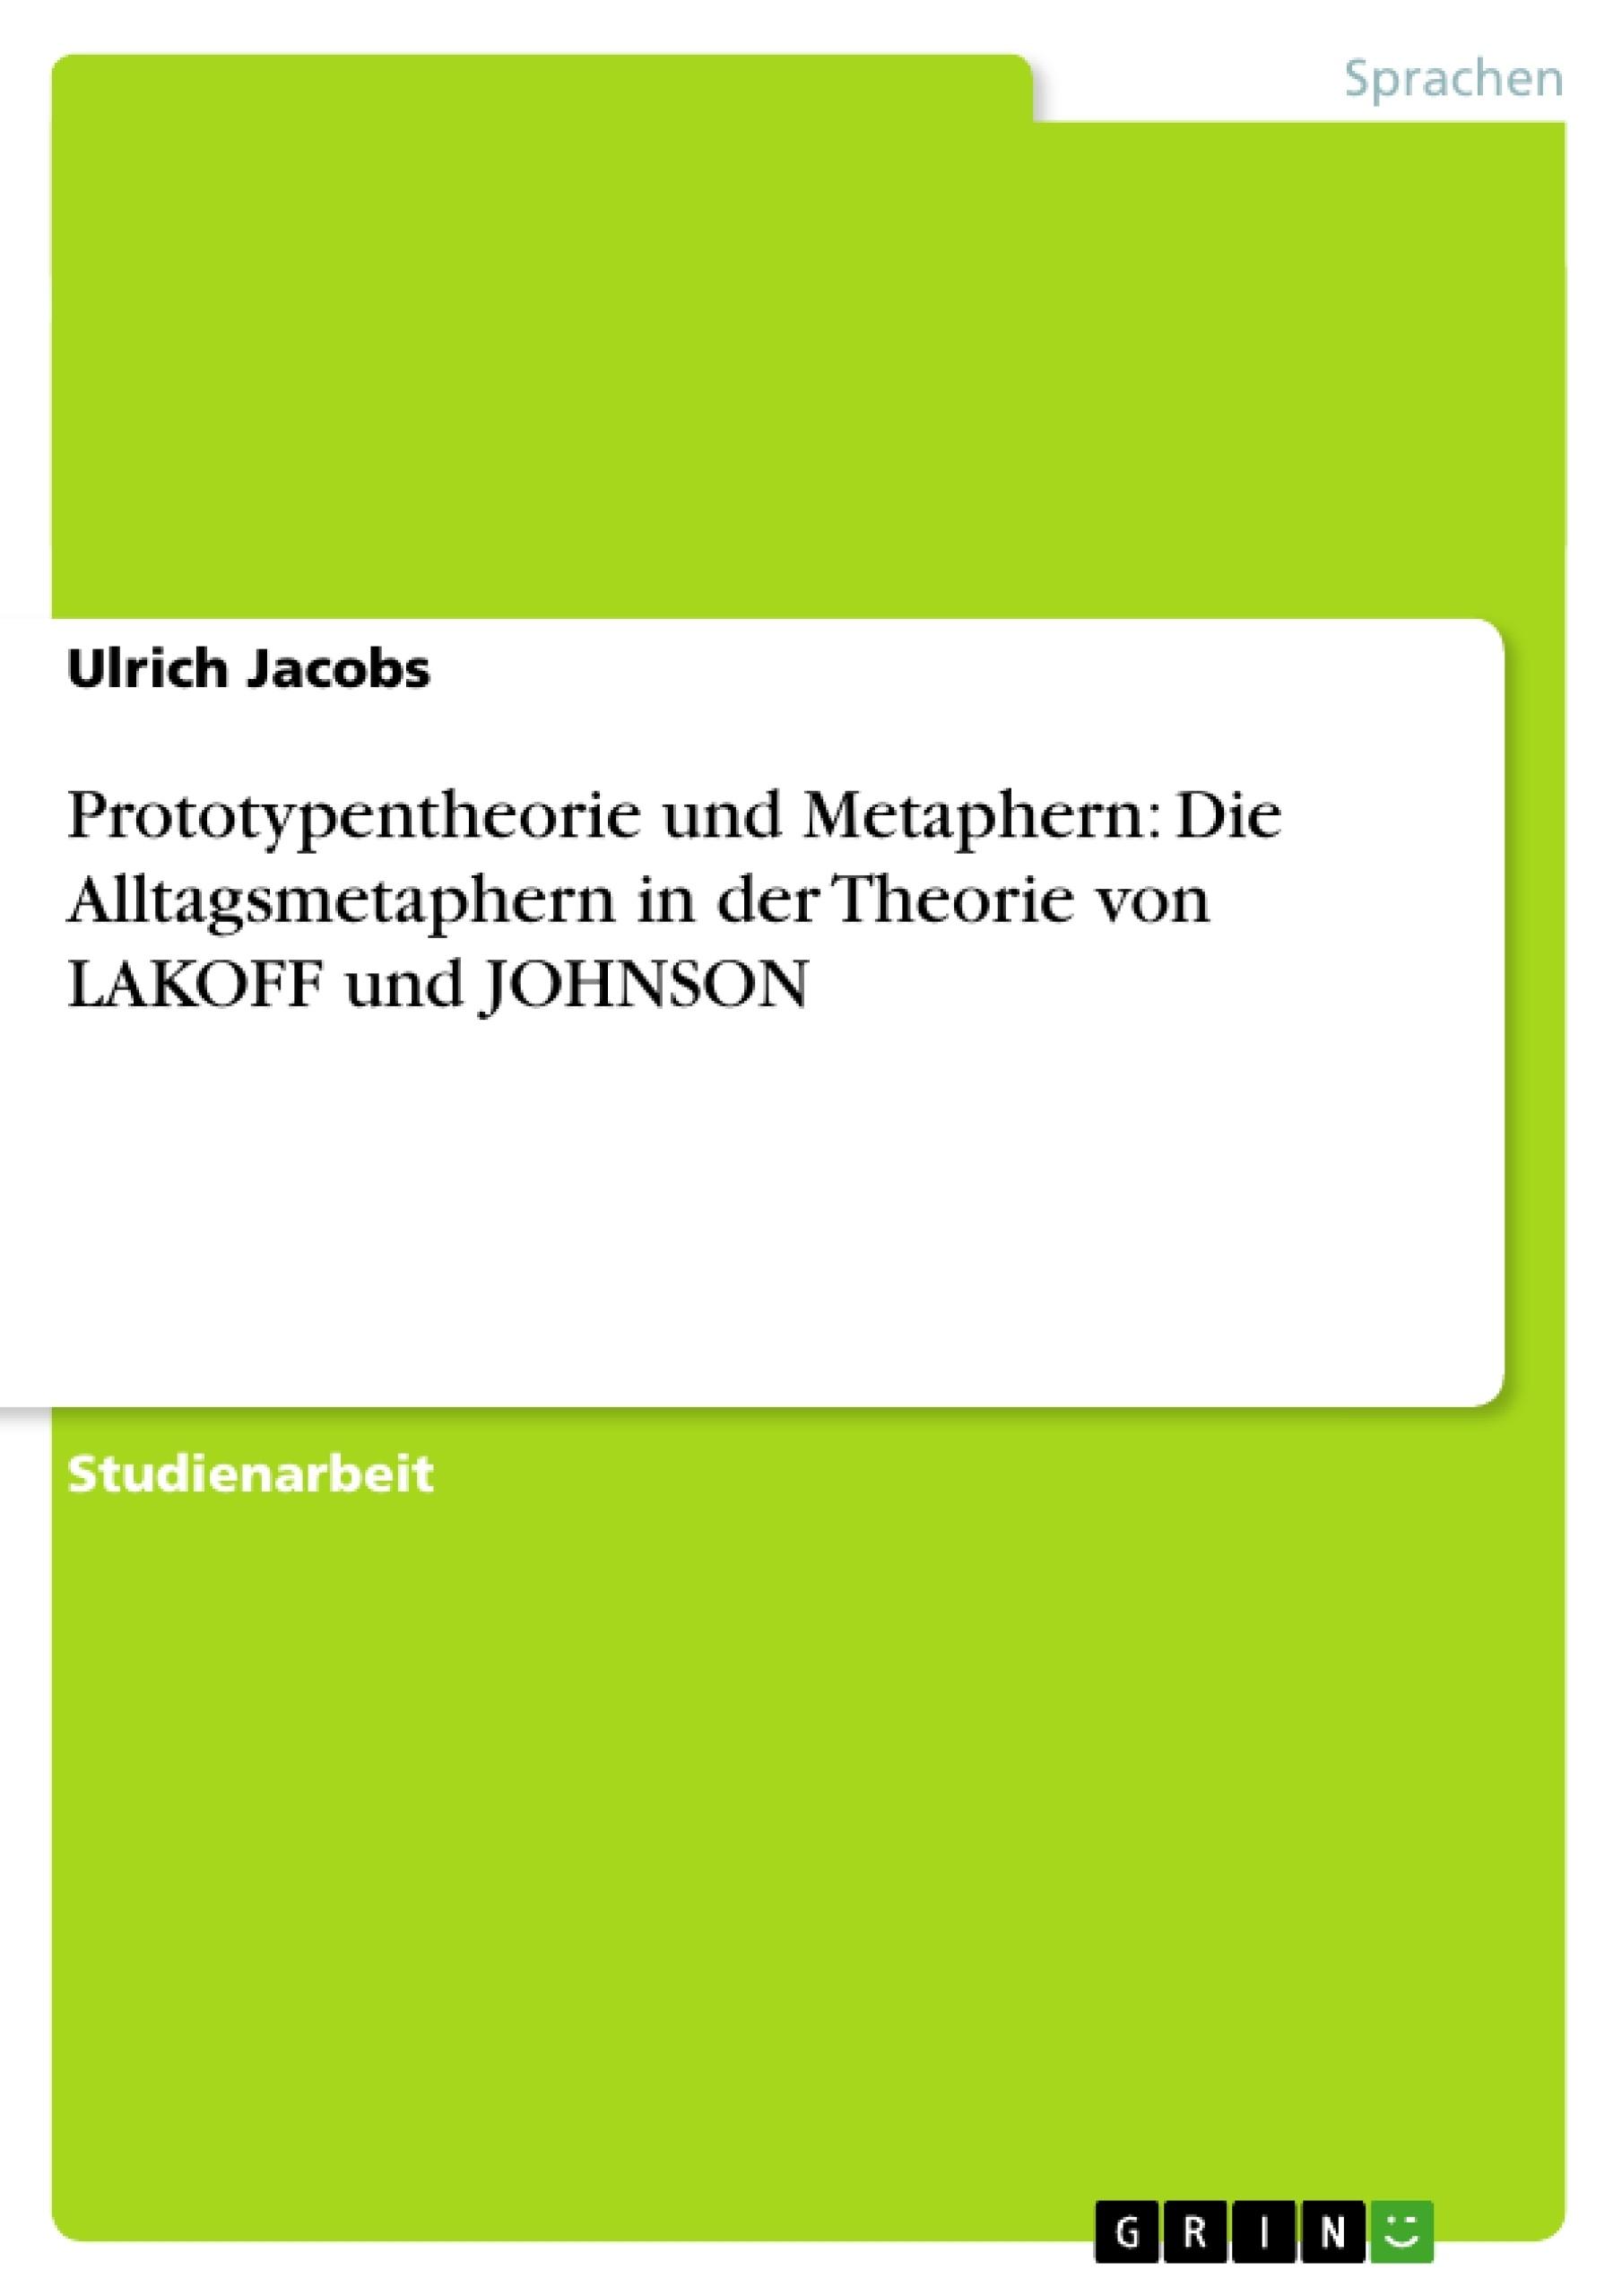 Titel: Prototypentheorie und Metaphern: Die Alltagsmetaphern in der Theorie von LAKOFF und JOHNSON